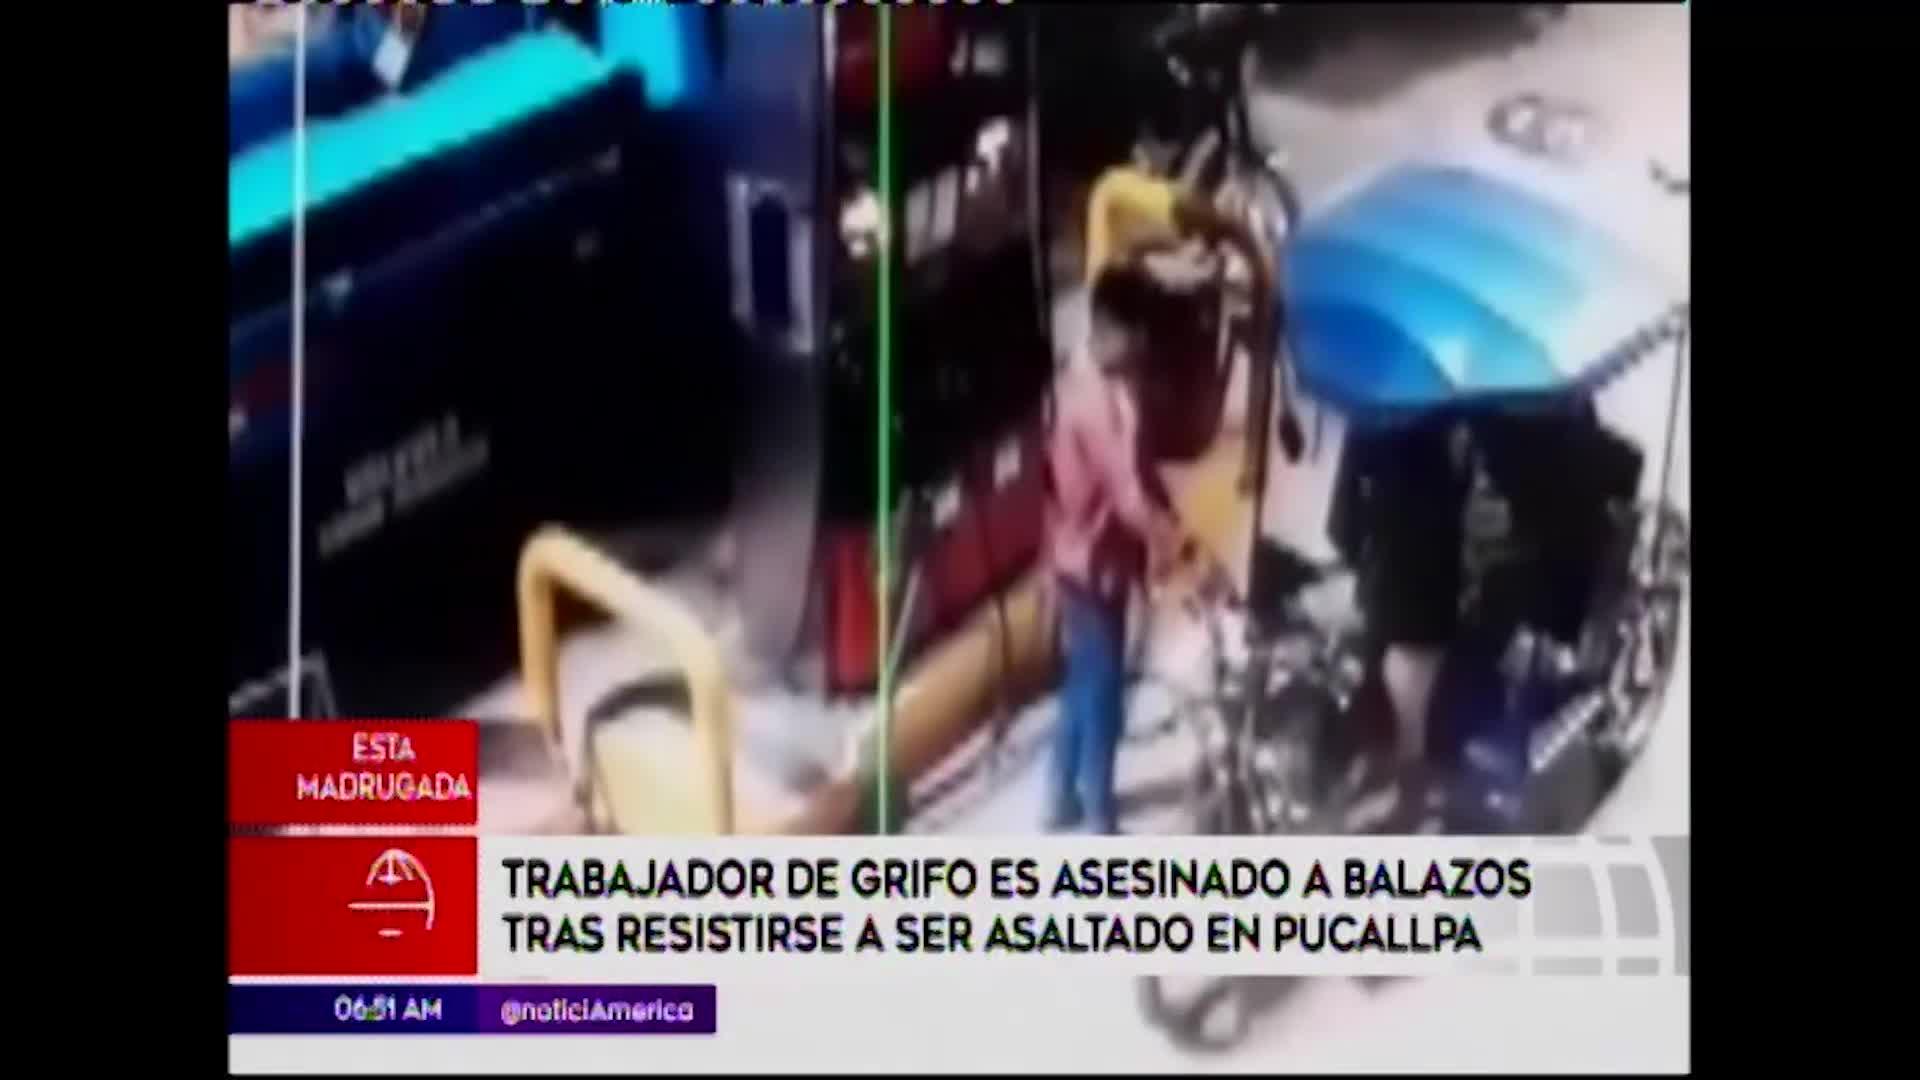 Pucallpa: asesinan a trabajador de grifo por resistirse a robo